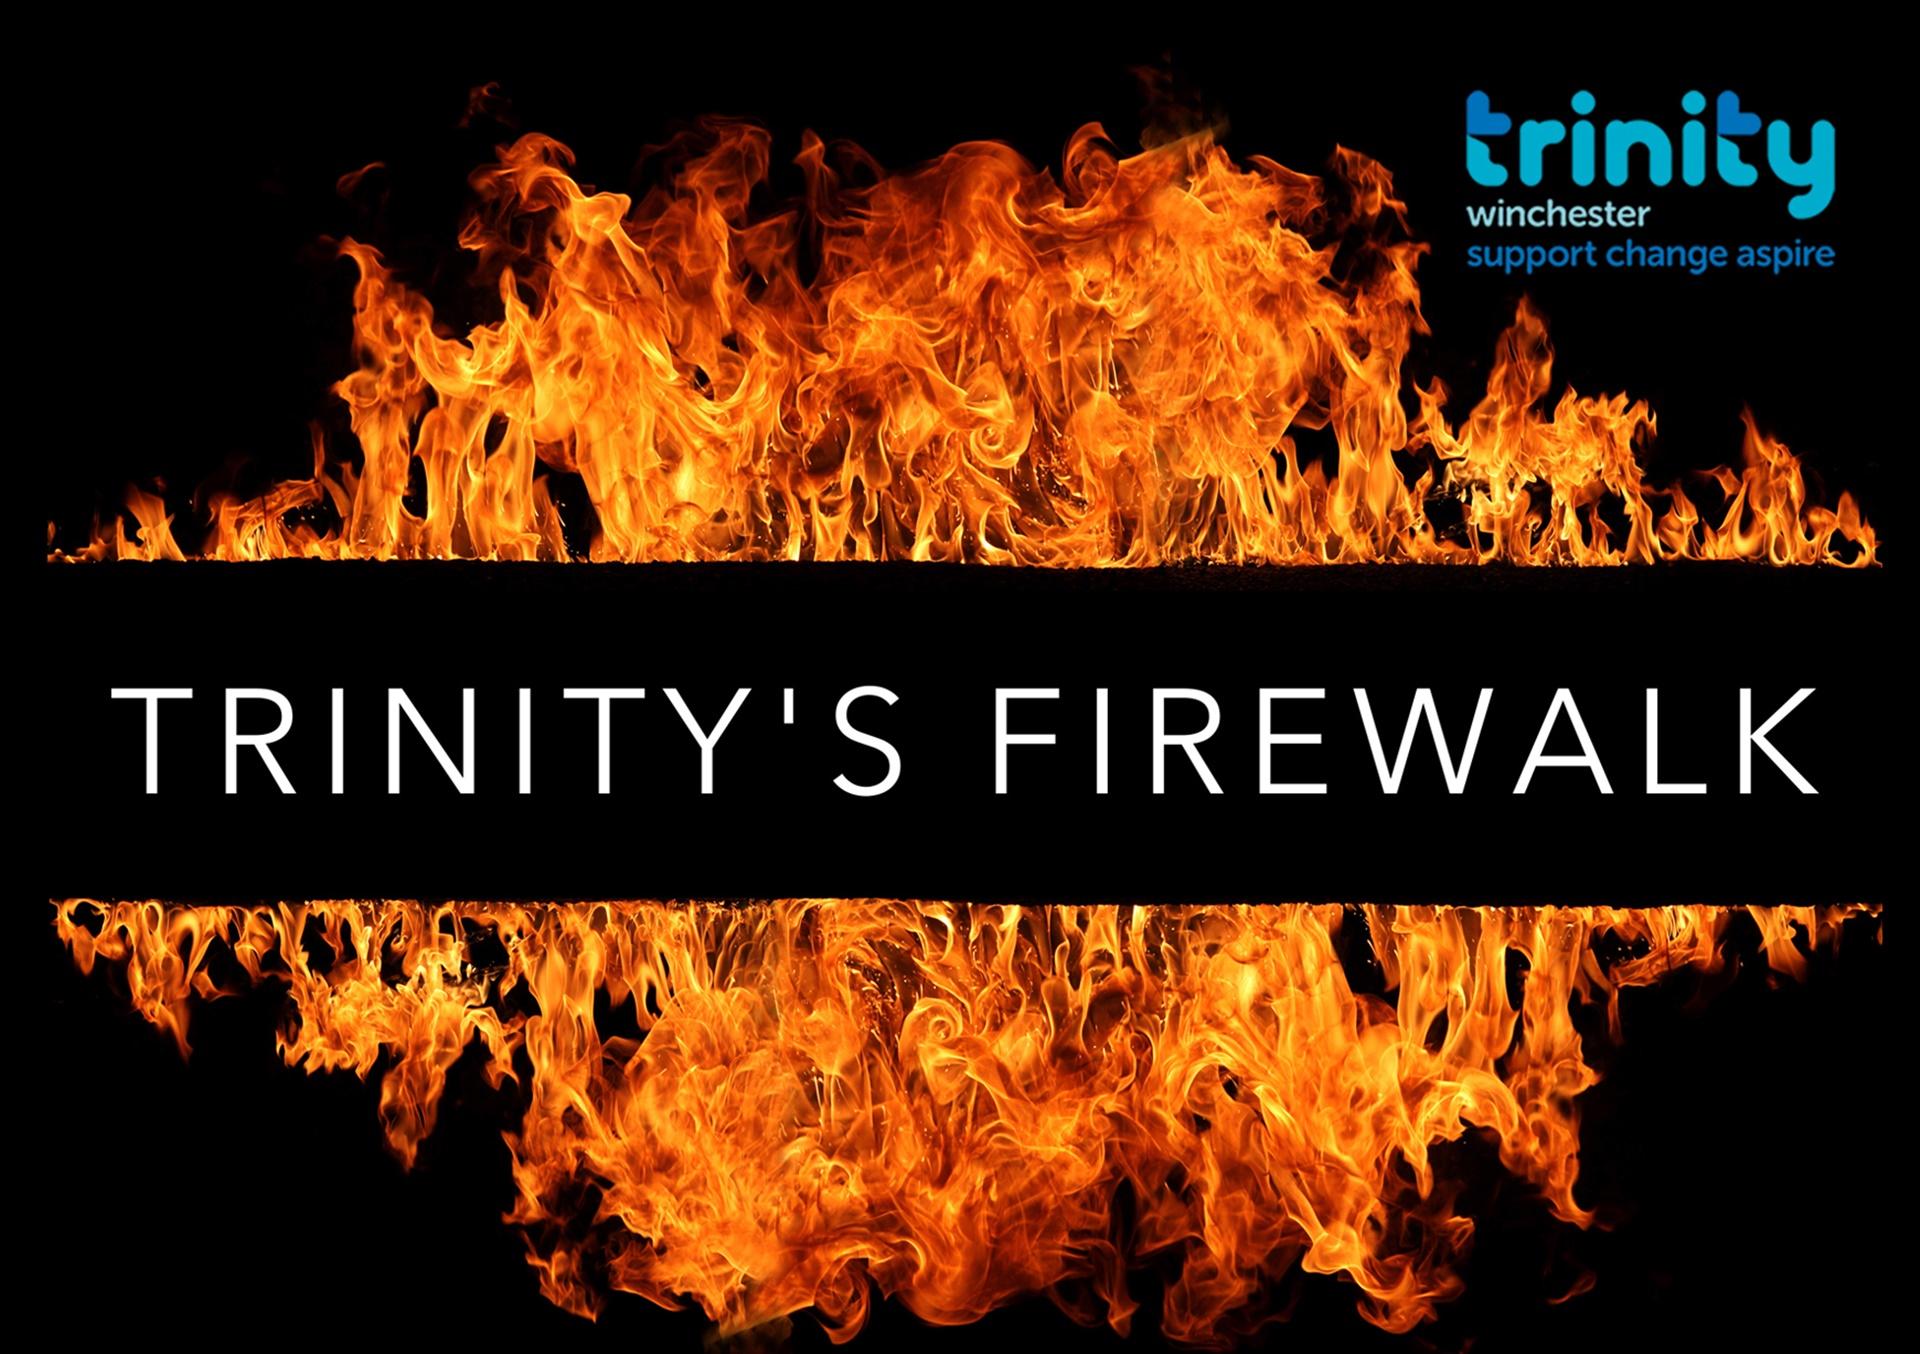 Trinity's Firewalk